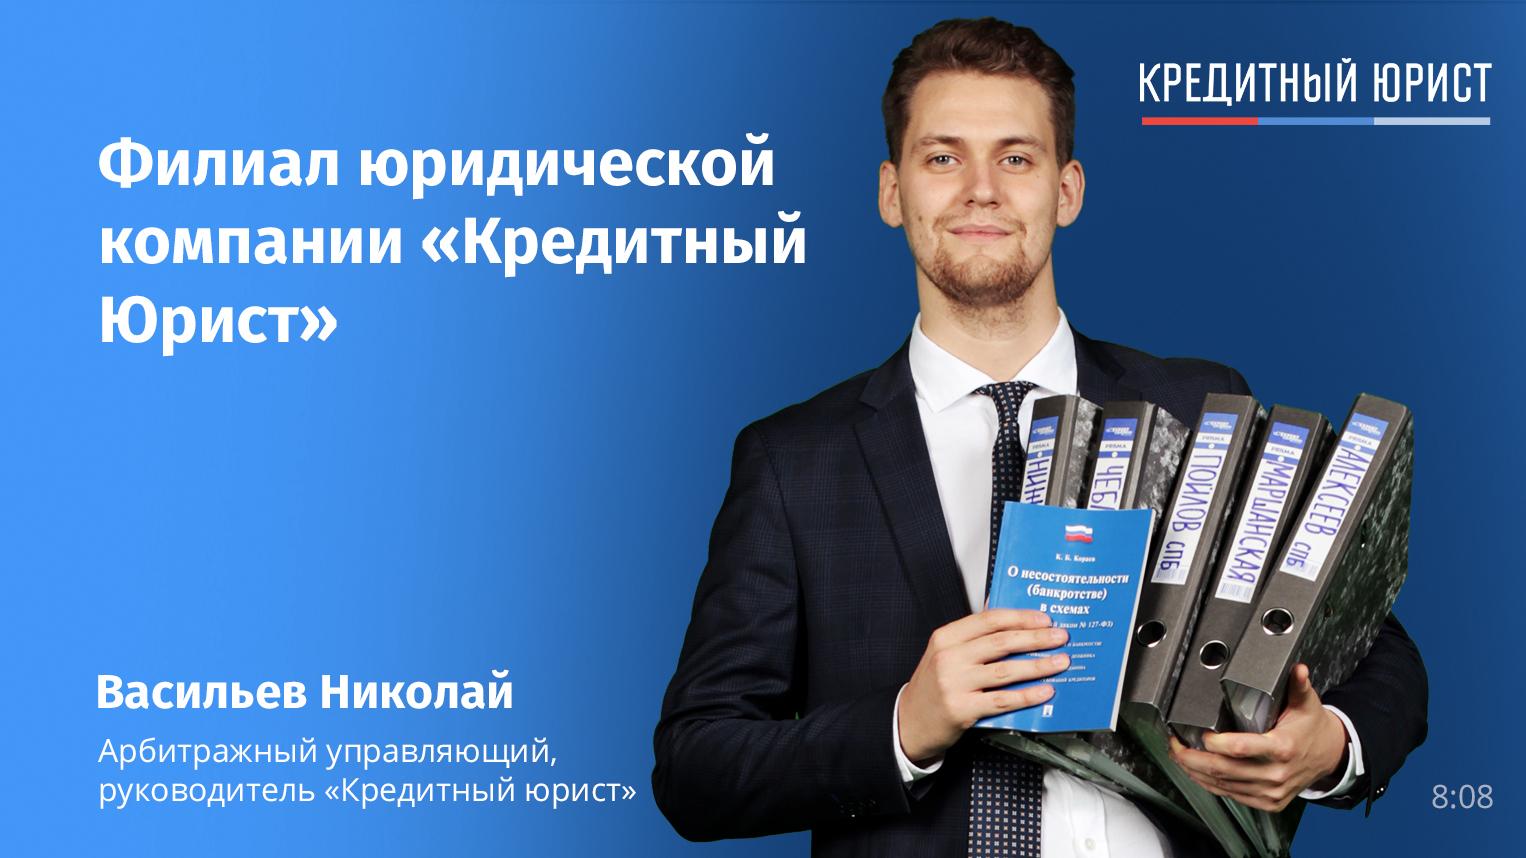 кредитный услуга юрист